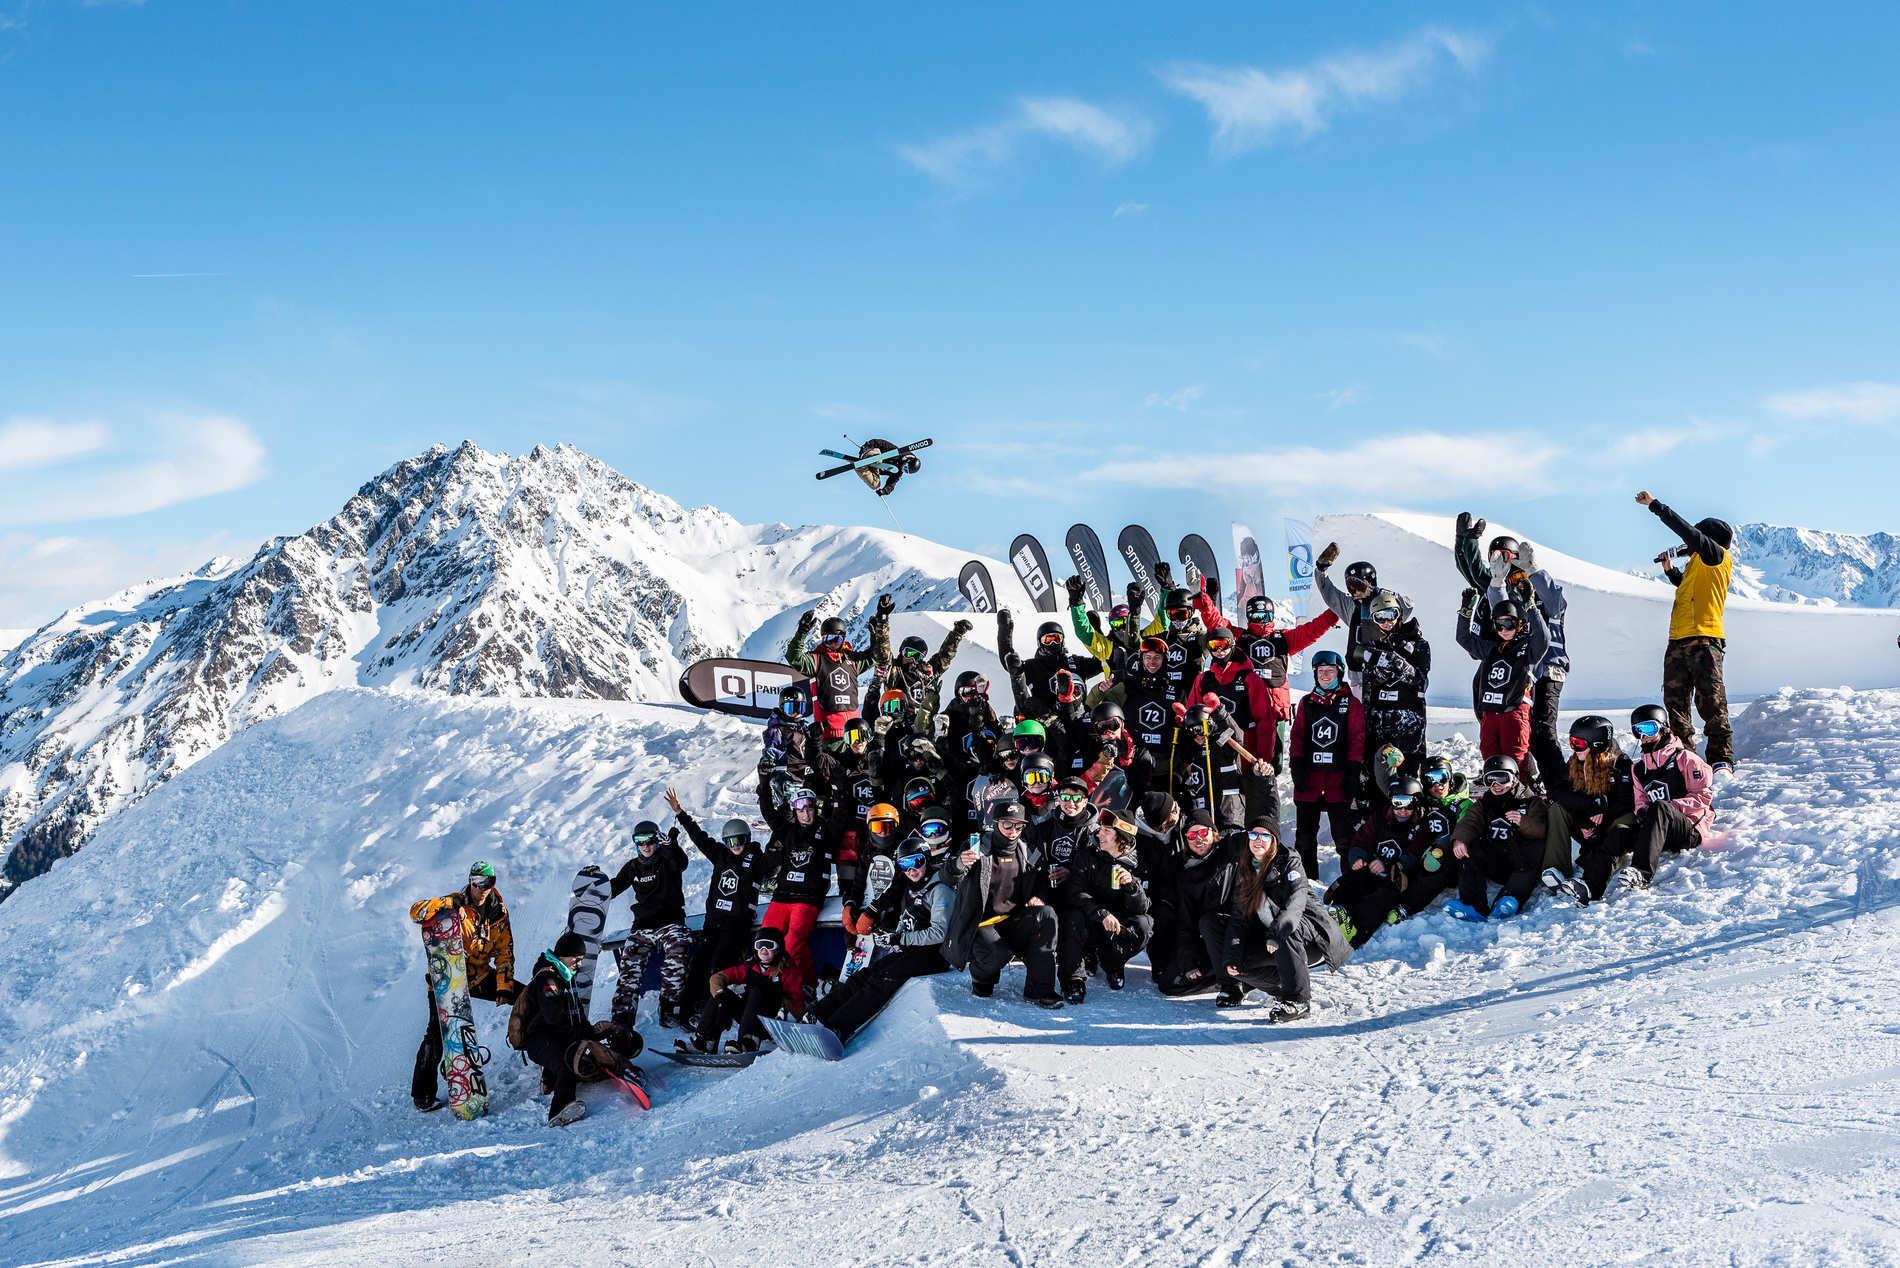 schoeneben 09 02 2019 lifestyle fs sb unknown rider christian riefenberg qparks 9